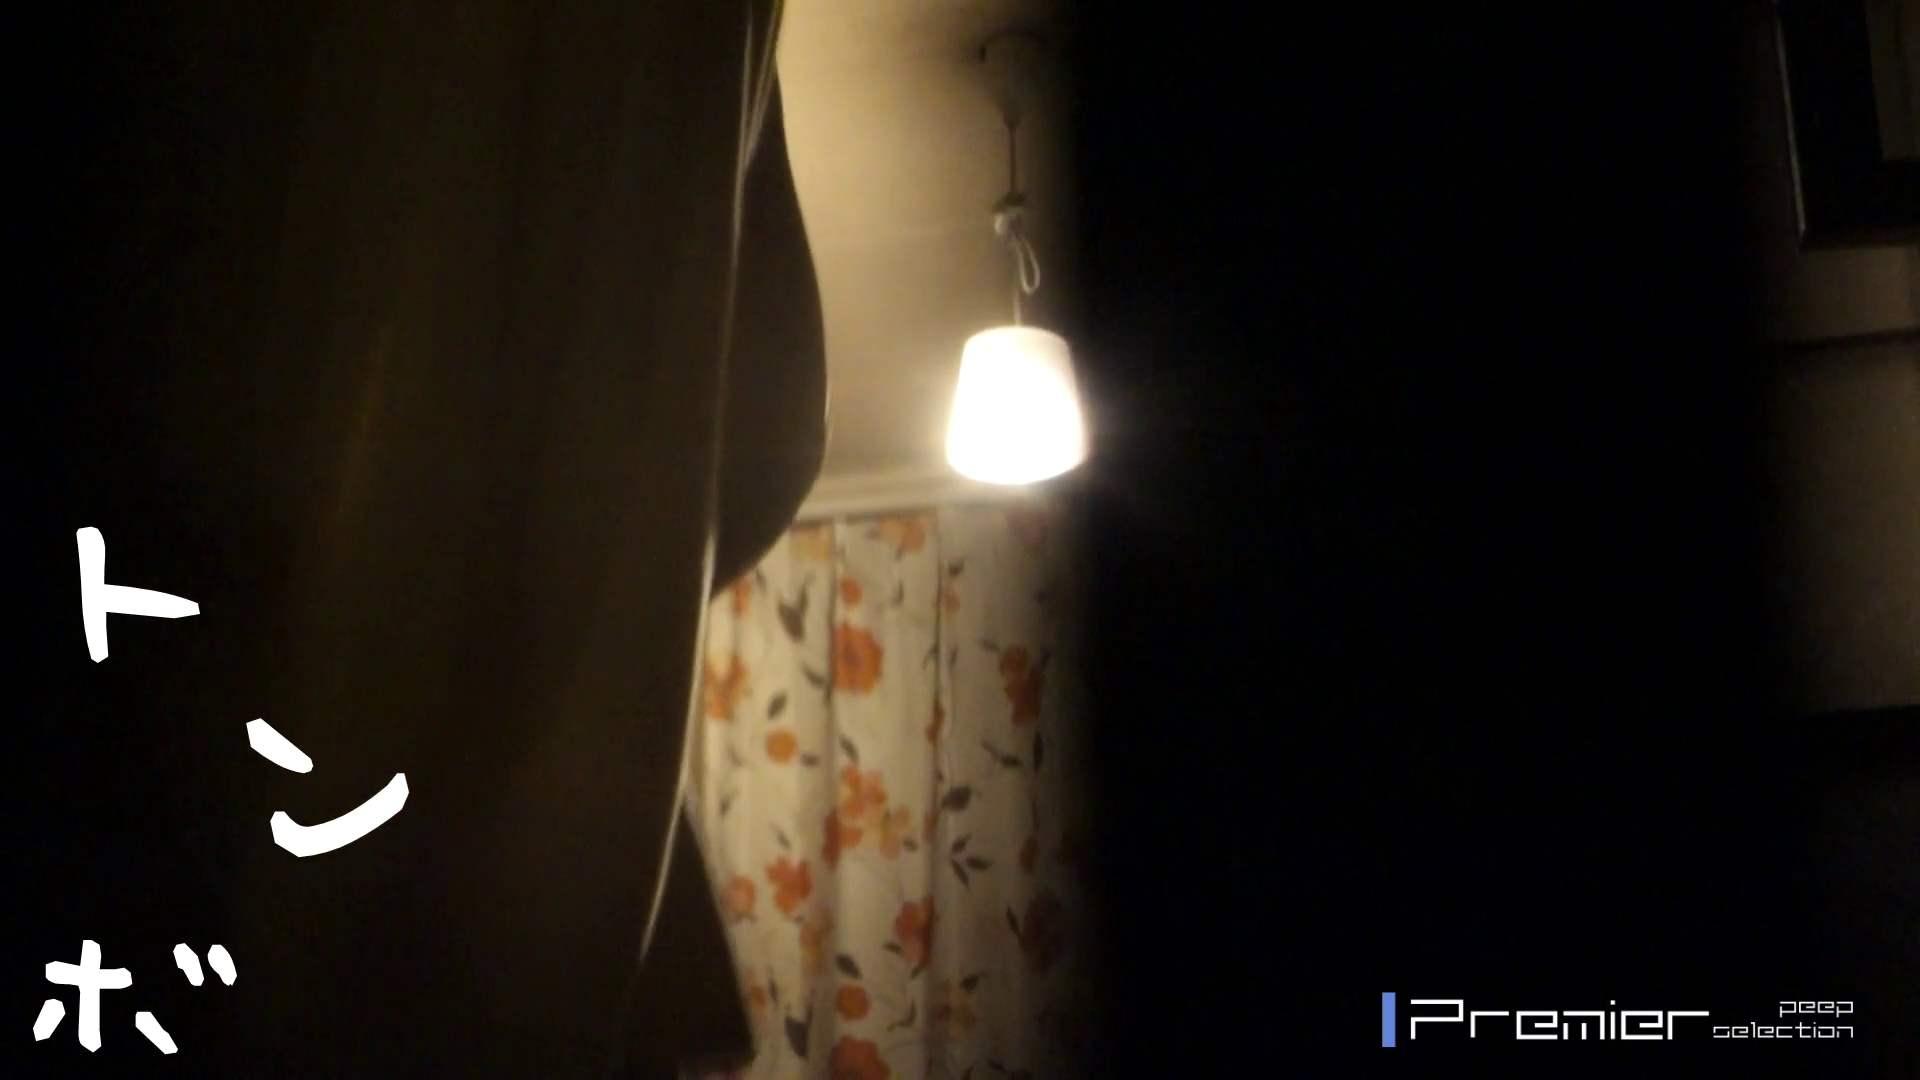 美女達の私生活に潜入!OL入浴前後の裸と私生活 高画質 性交動画流出 54画像 5